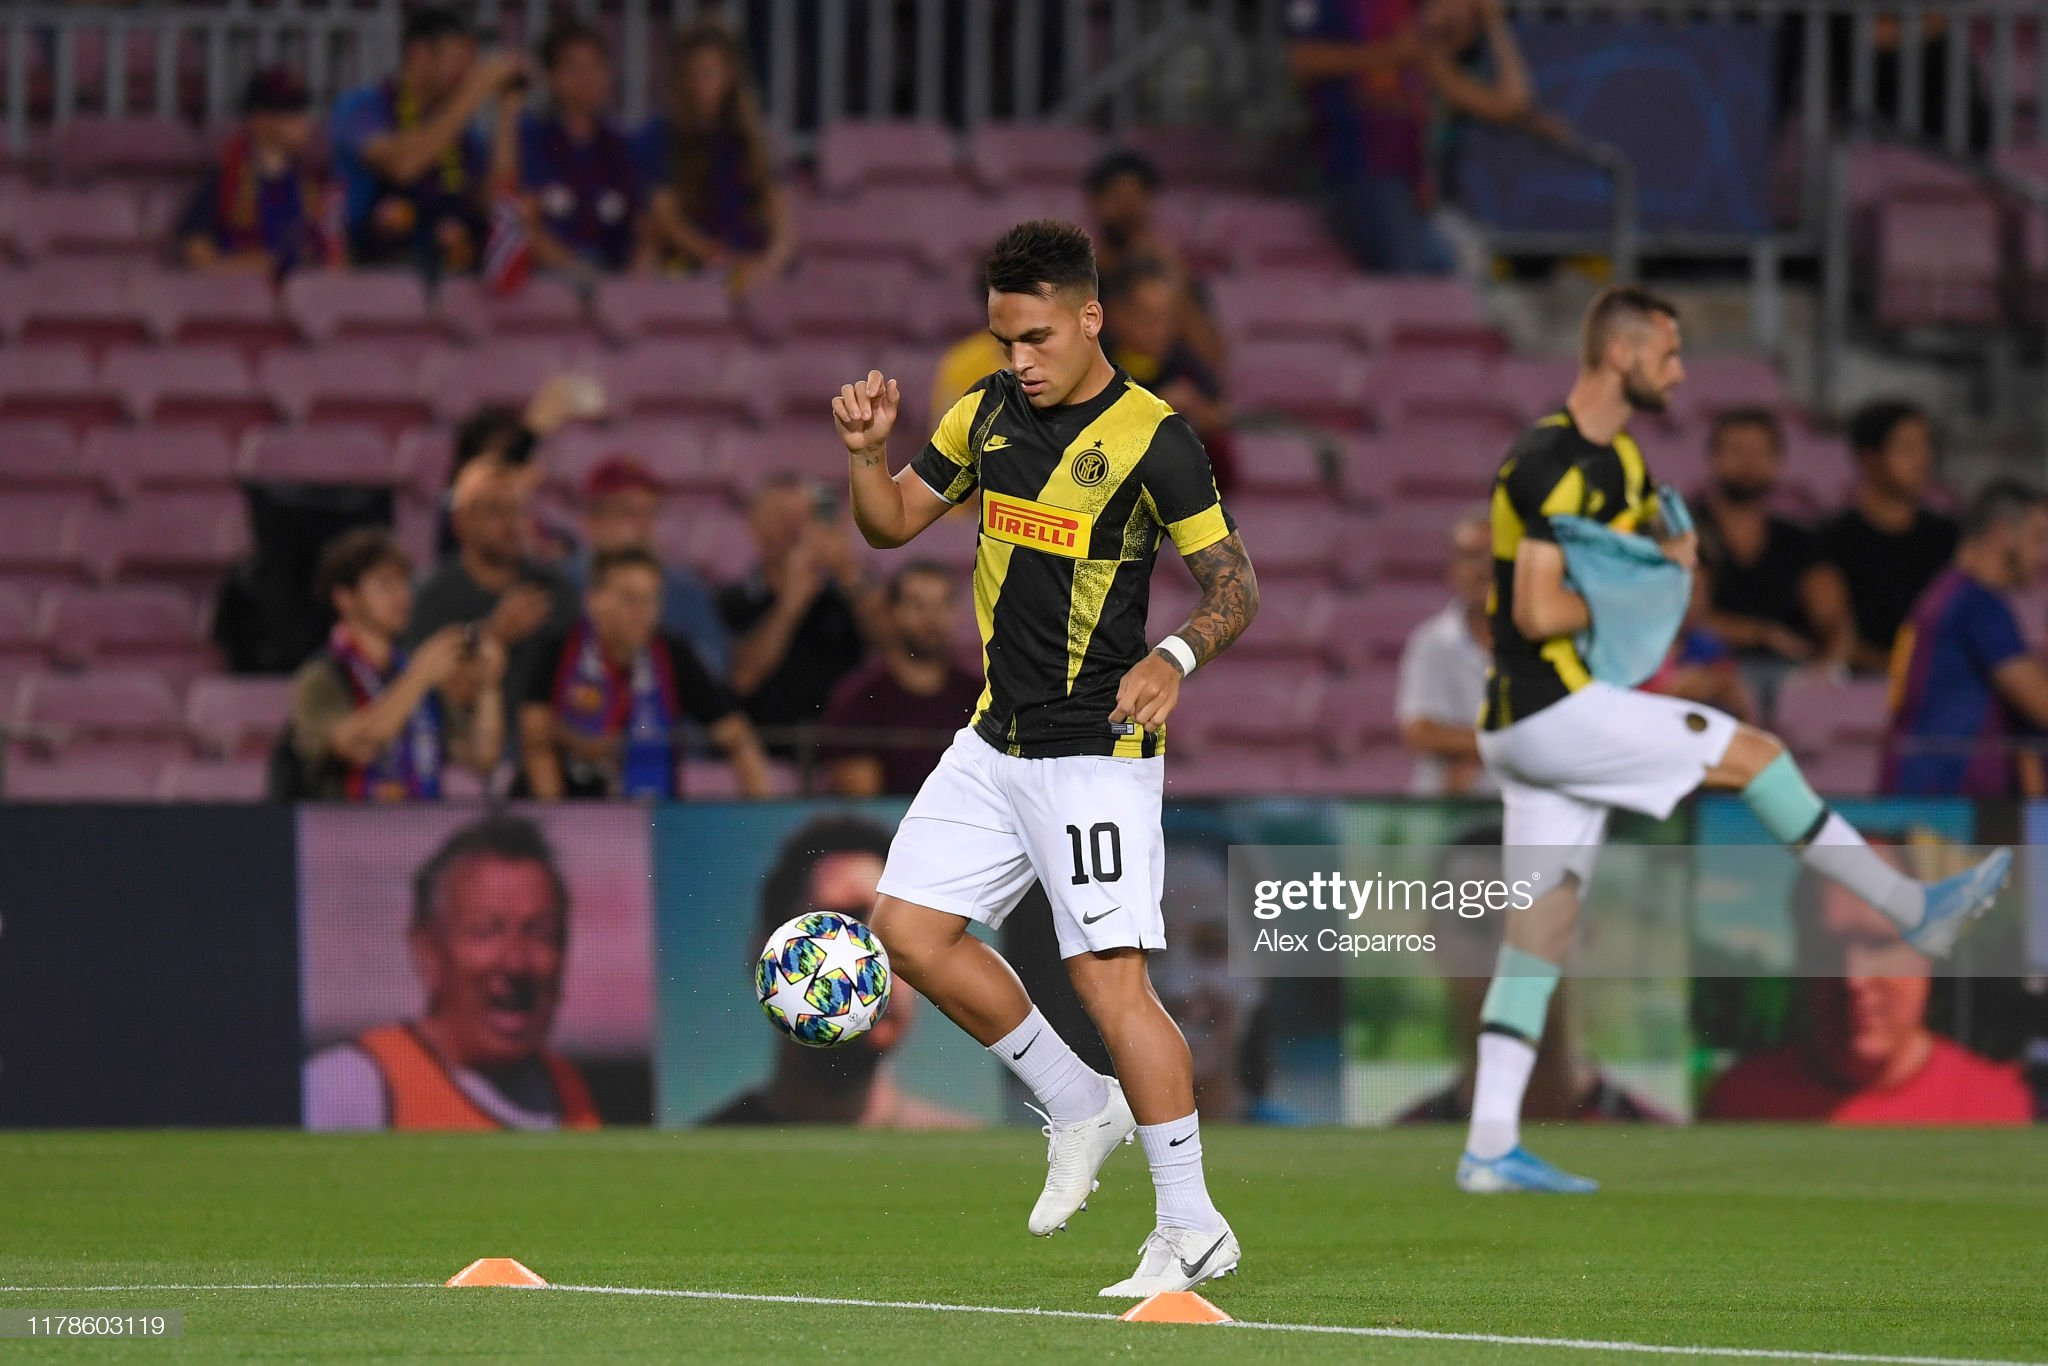 صور مباراة : برشلونة - إنتر 2-1 ( 02-10-2019 )  Lautaro-martinez-of-inter-milan-warms-up-prior-to-the-uefa-champions-picture-id1178603119?s=2048x2048